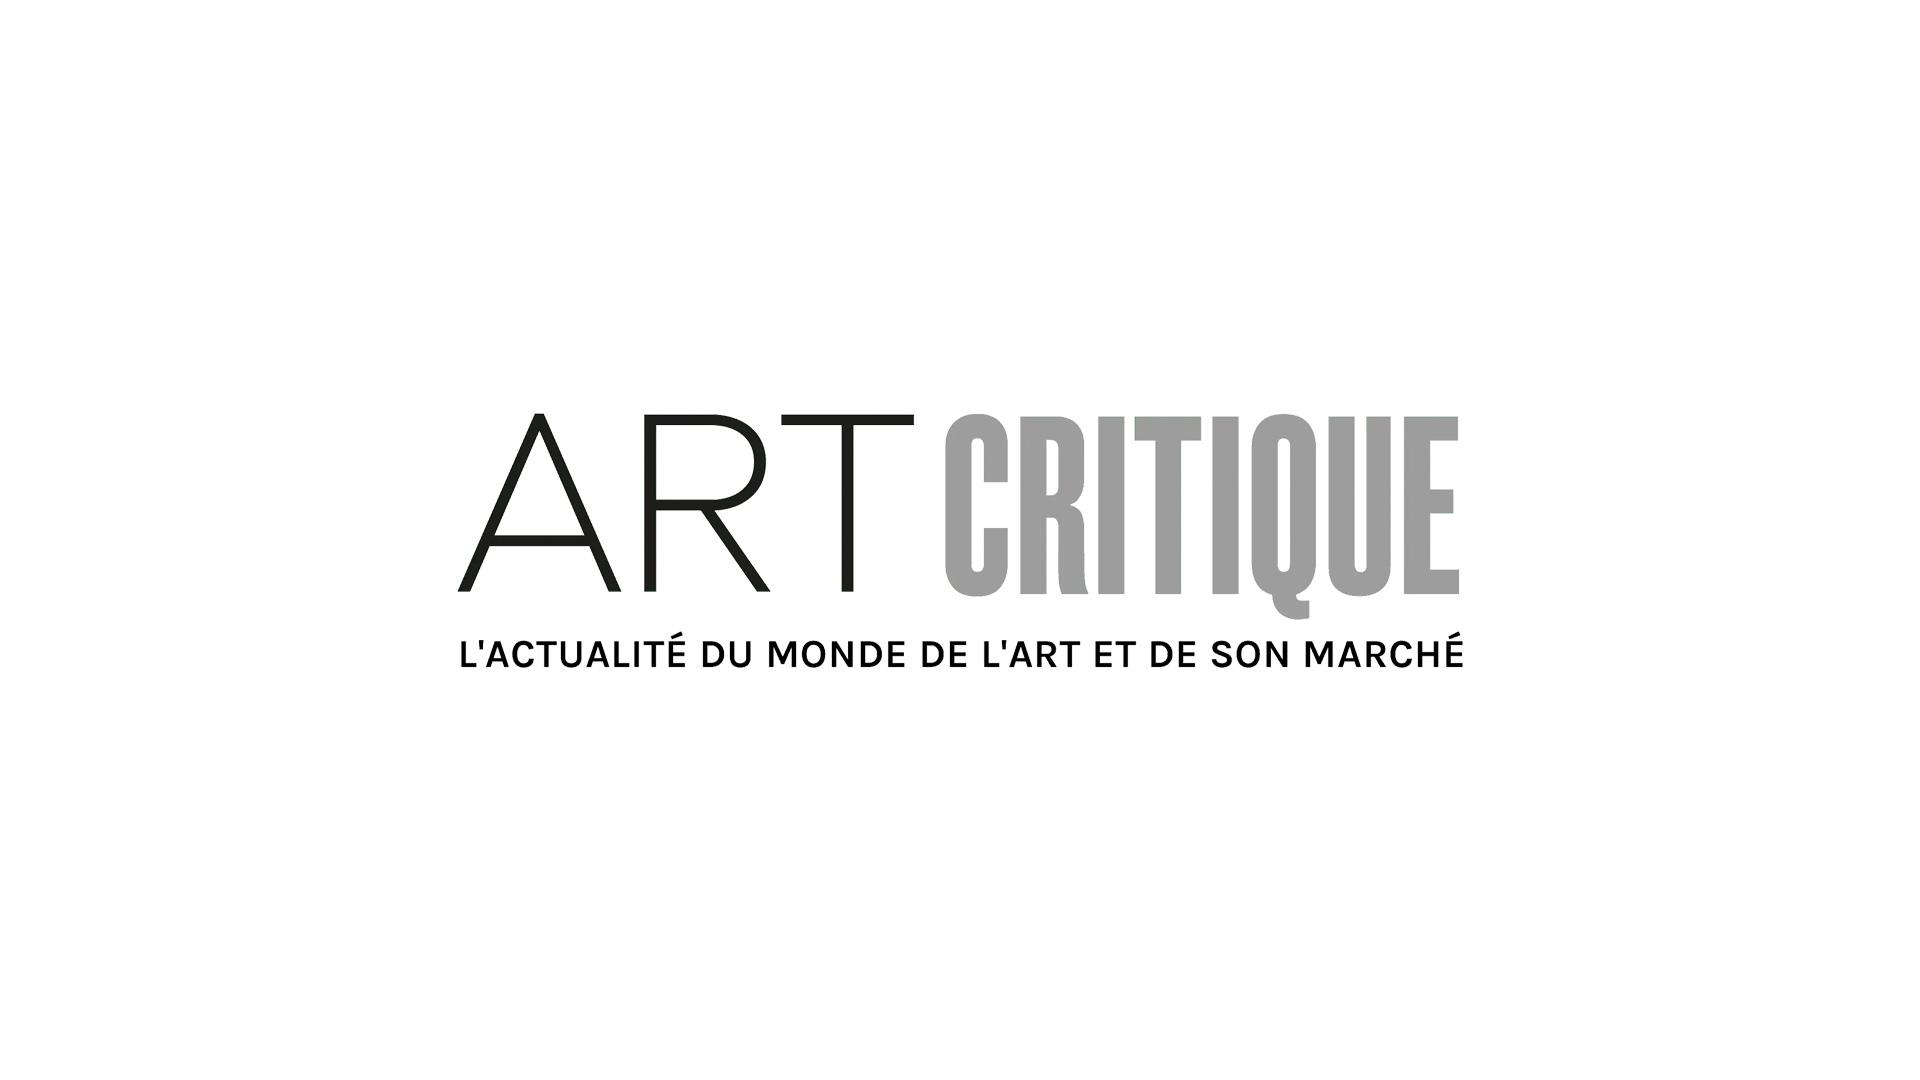 L'Espace de l'Art Concret rouvre ses portes avec Francisco Sobrino